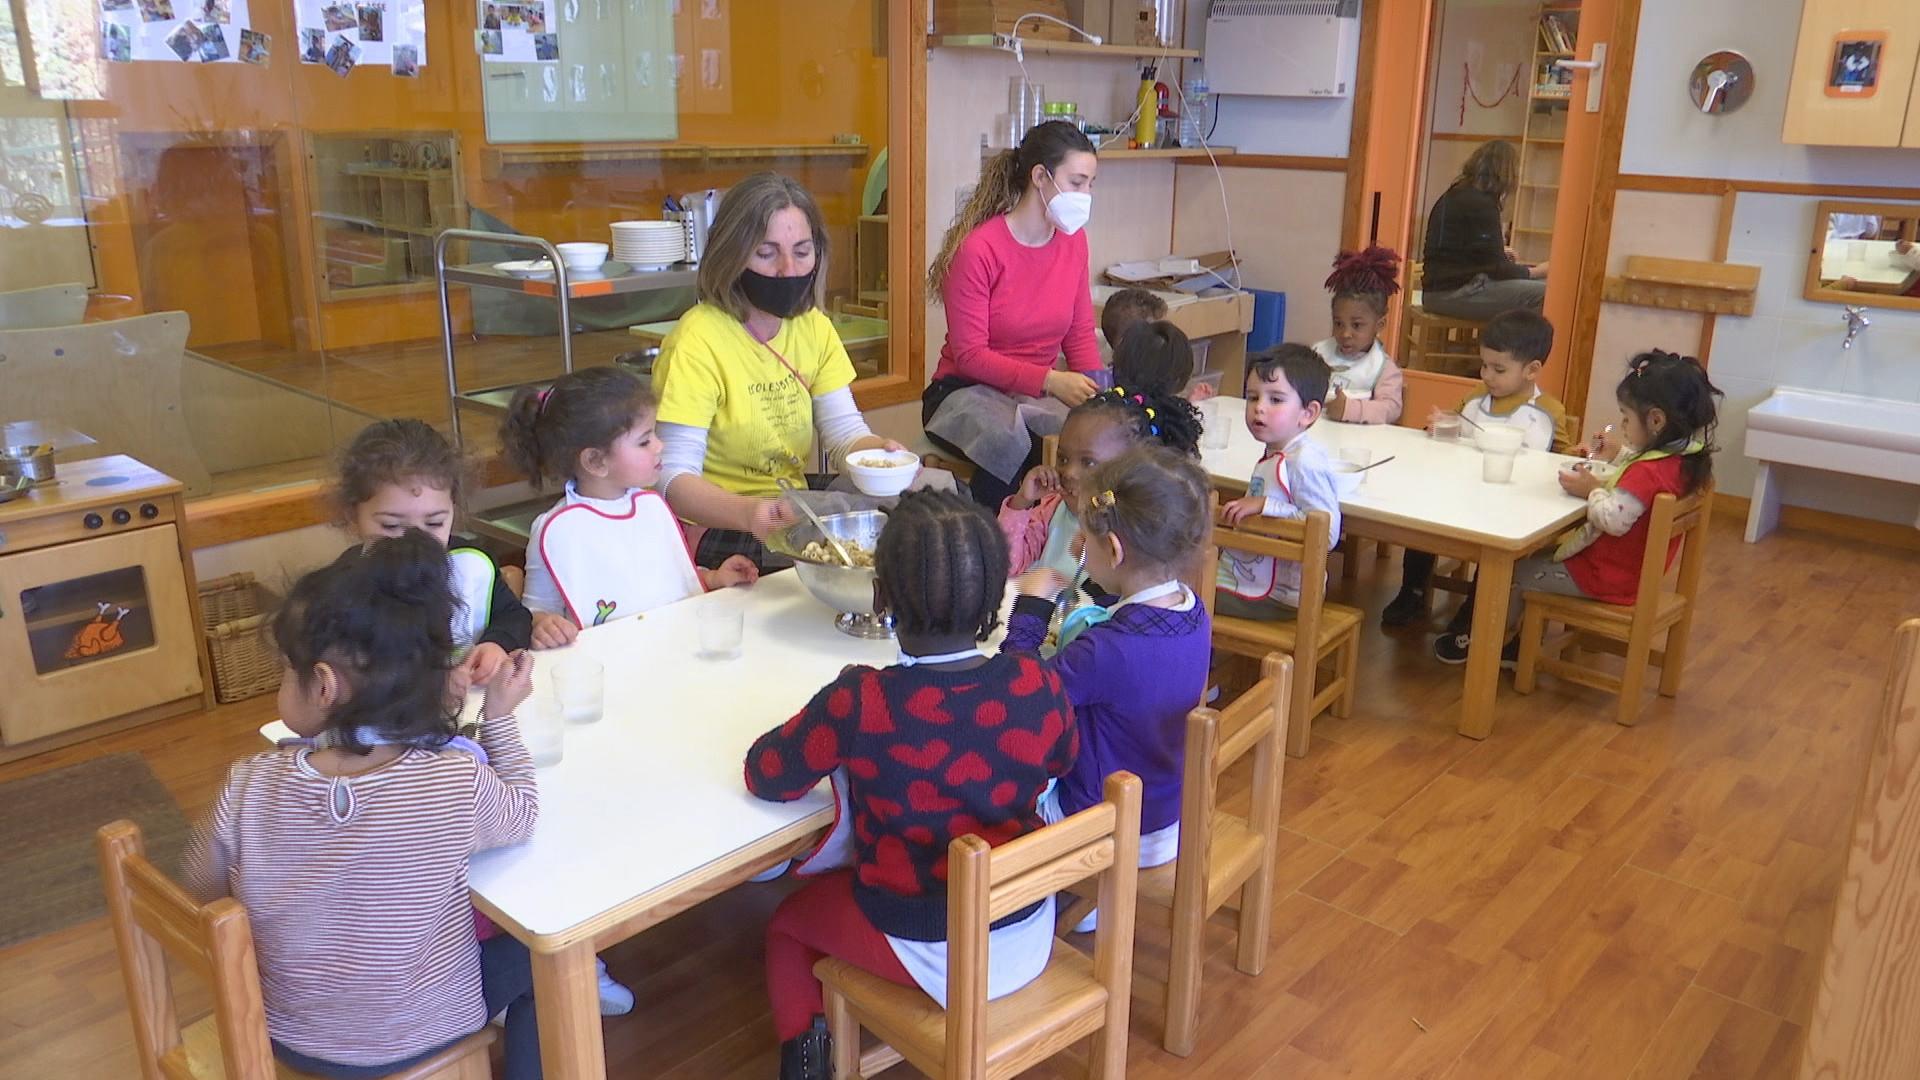 Nens 2 anys dinant a una Escola Bressol Municipal